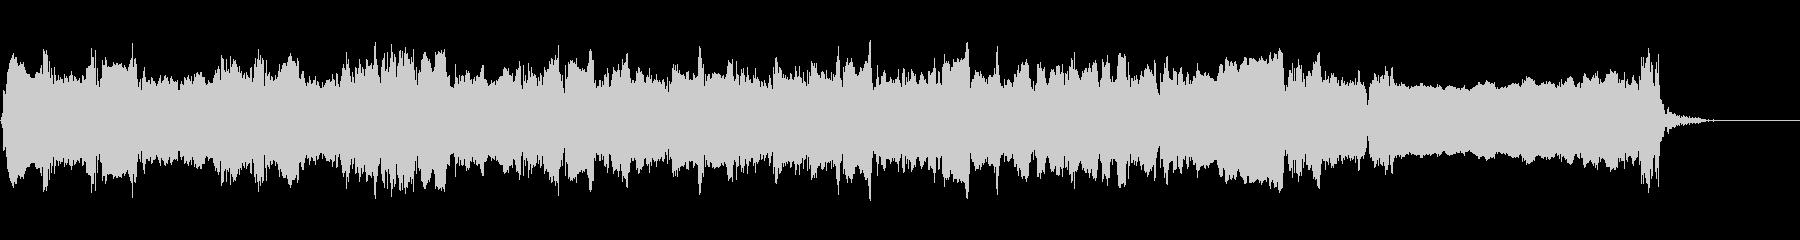 エレキギター:ロングビルチャージア...の未再生の波形